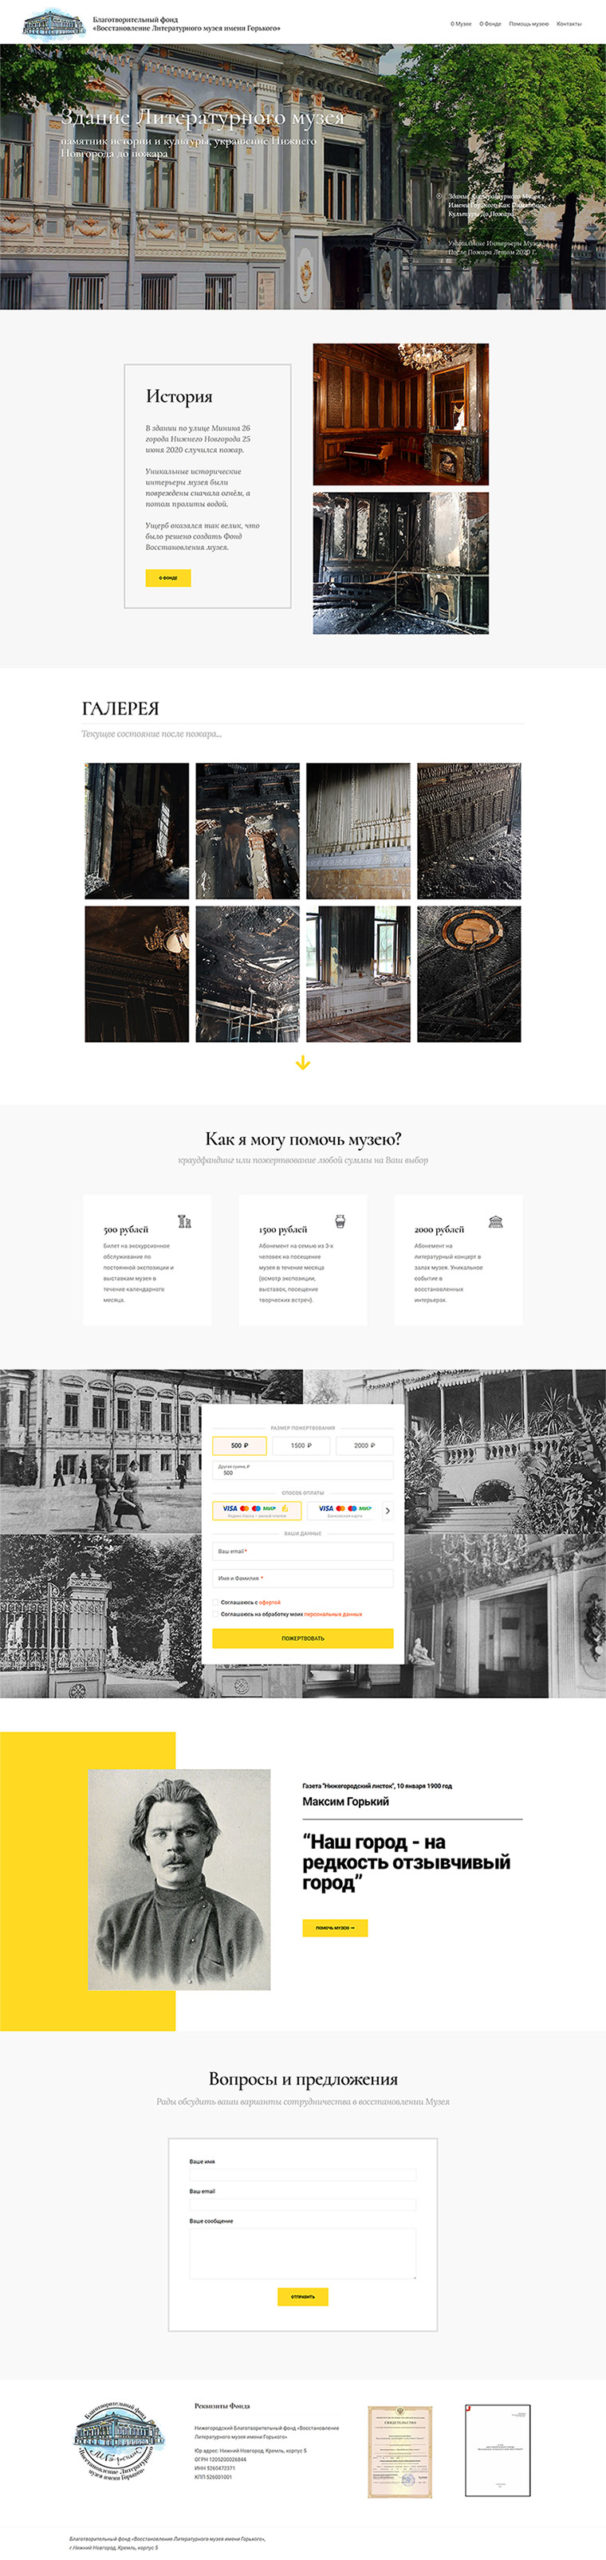 Сайт фонда восстановления музея имени Горького